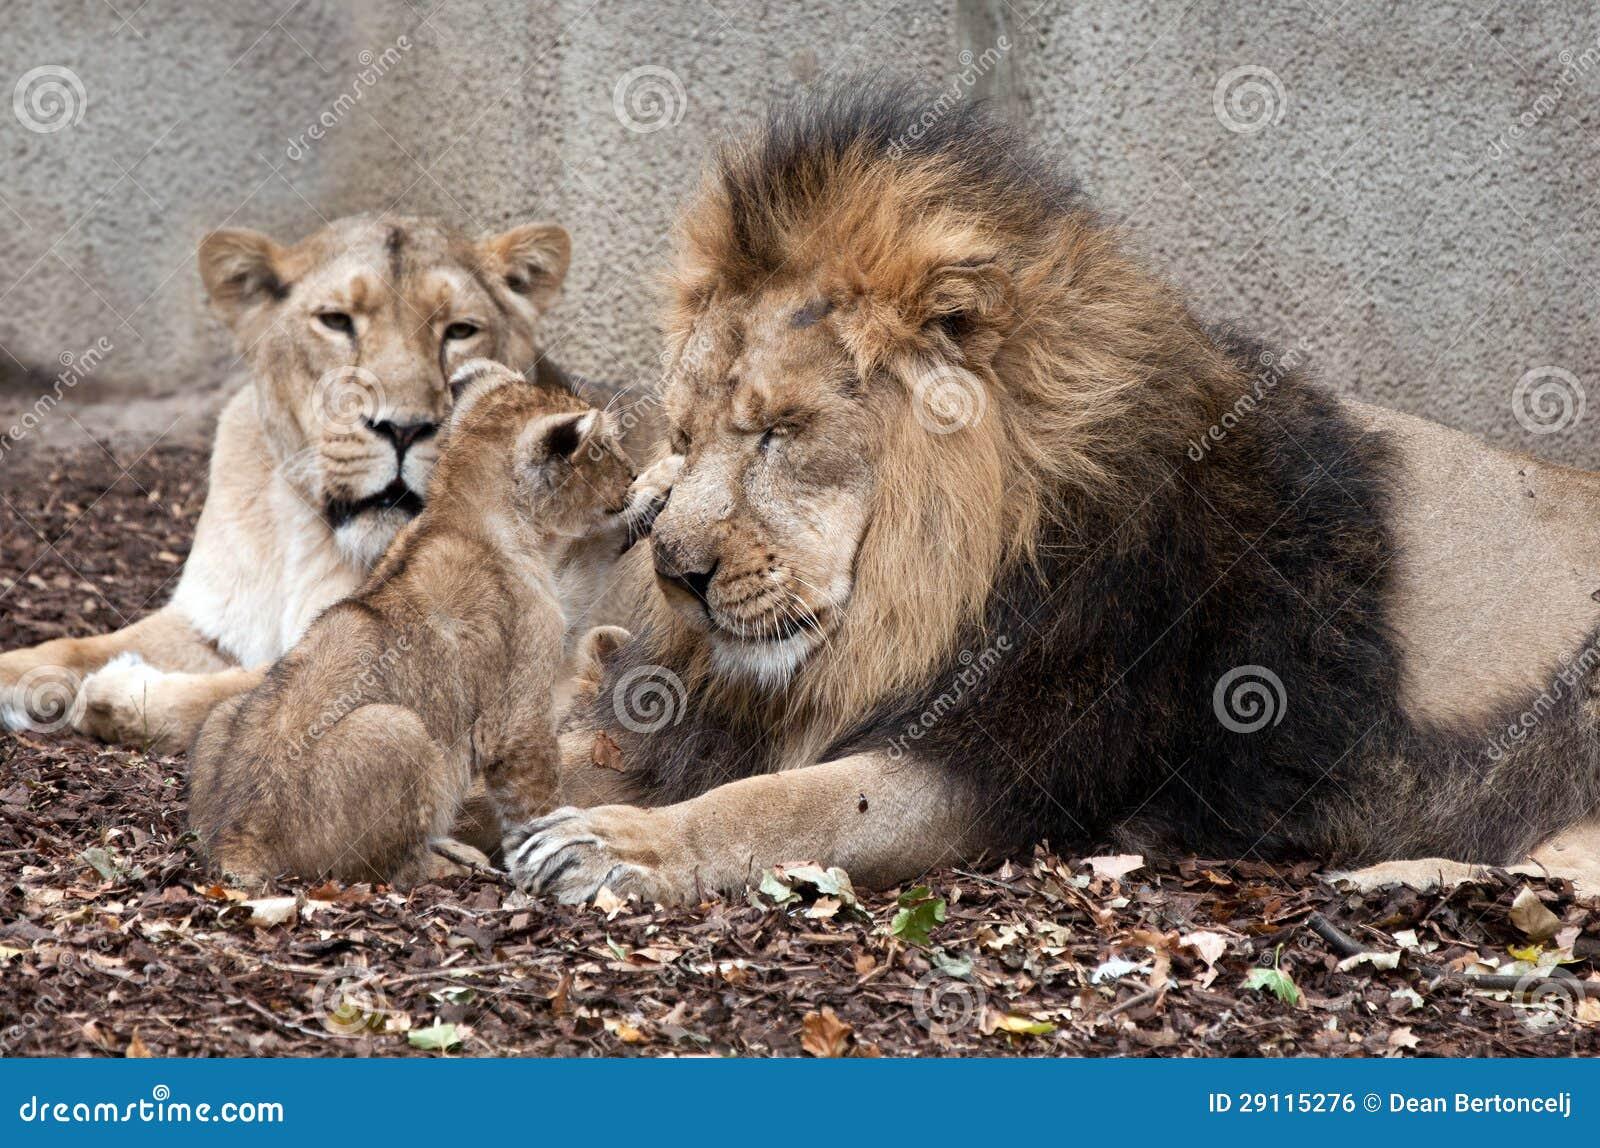 фото львов семья